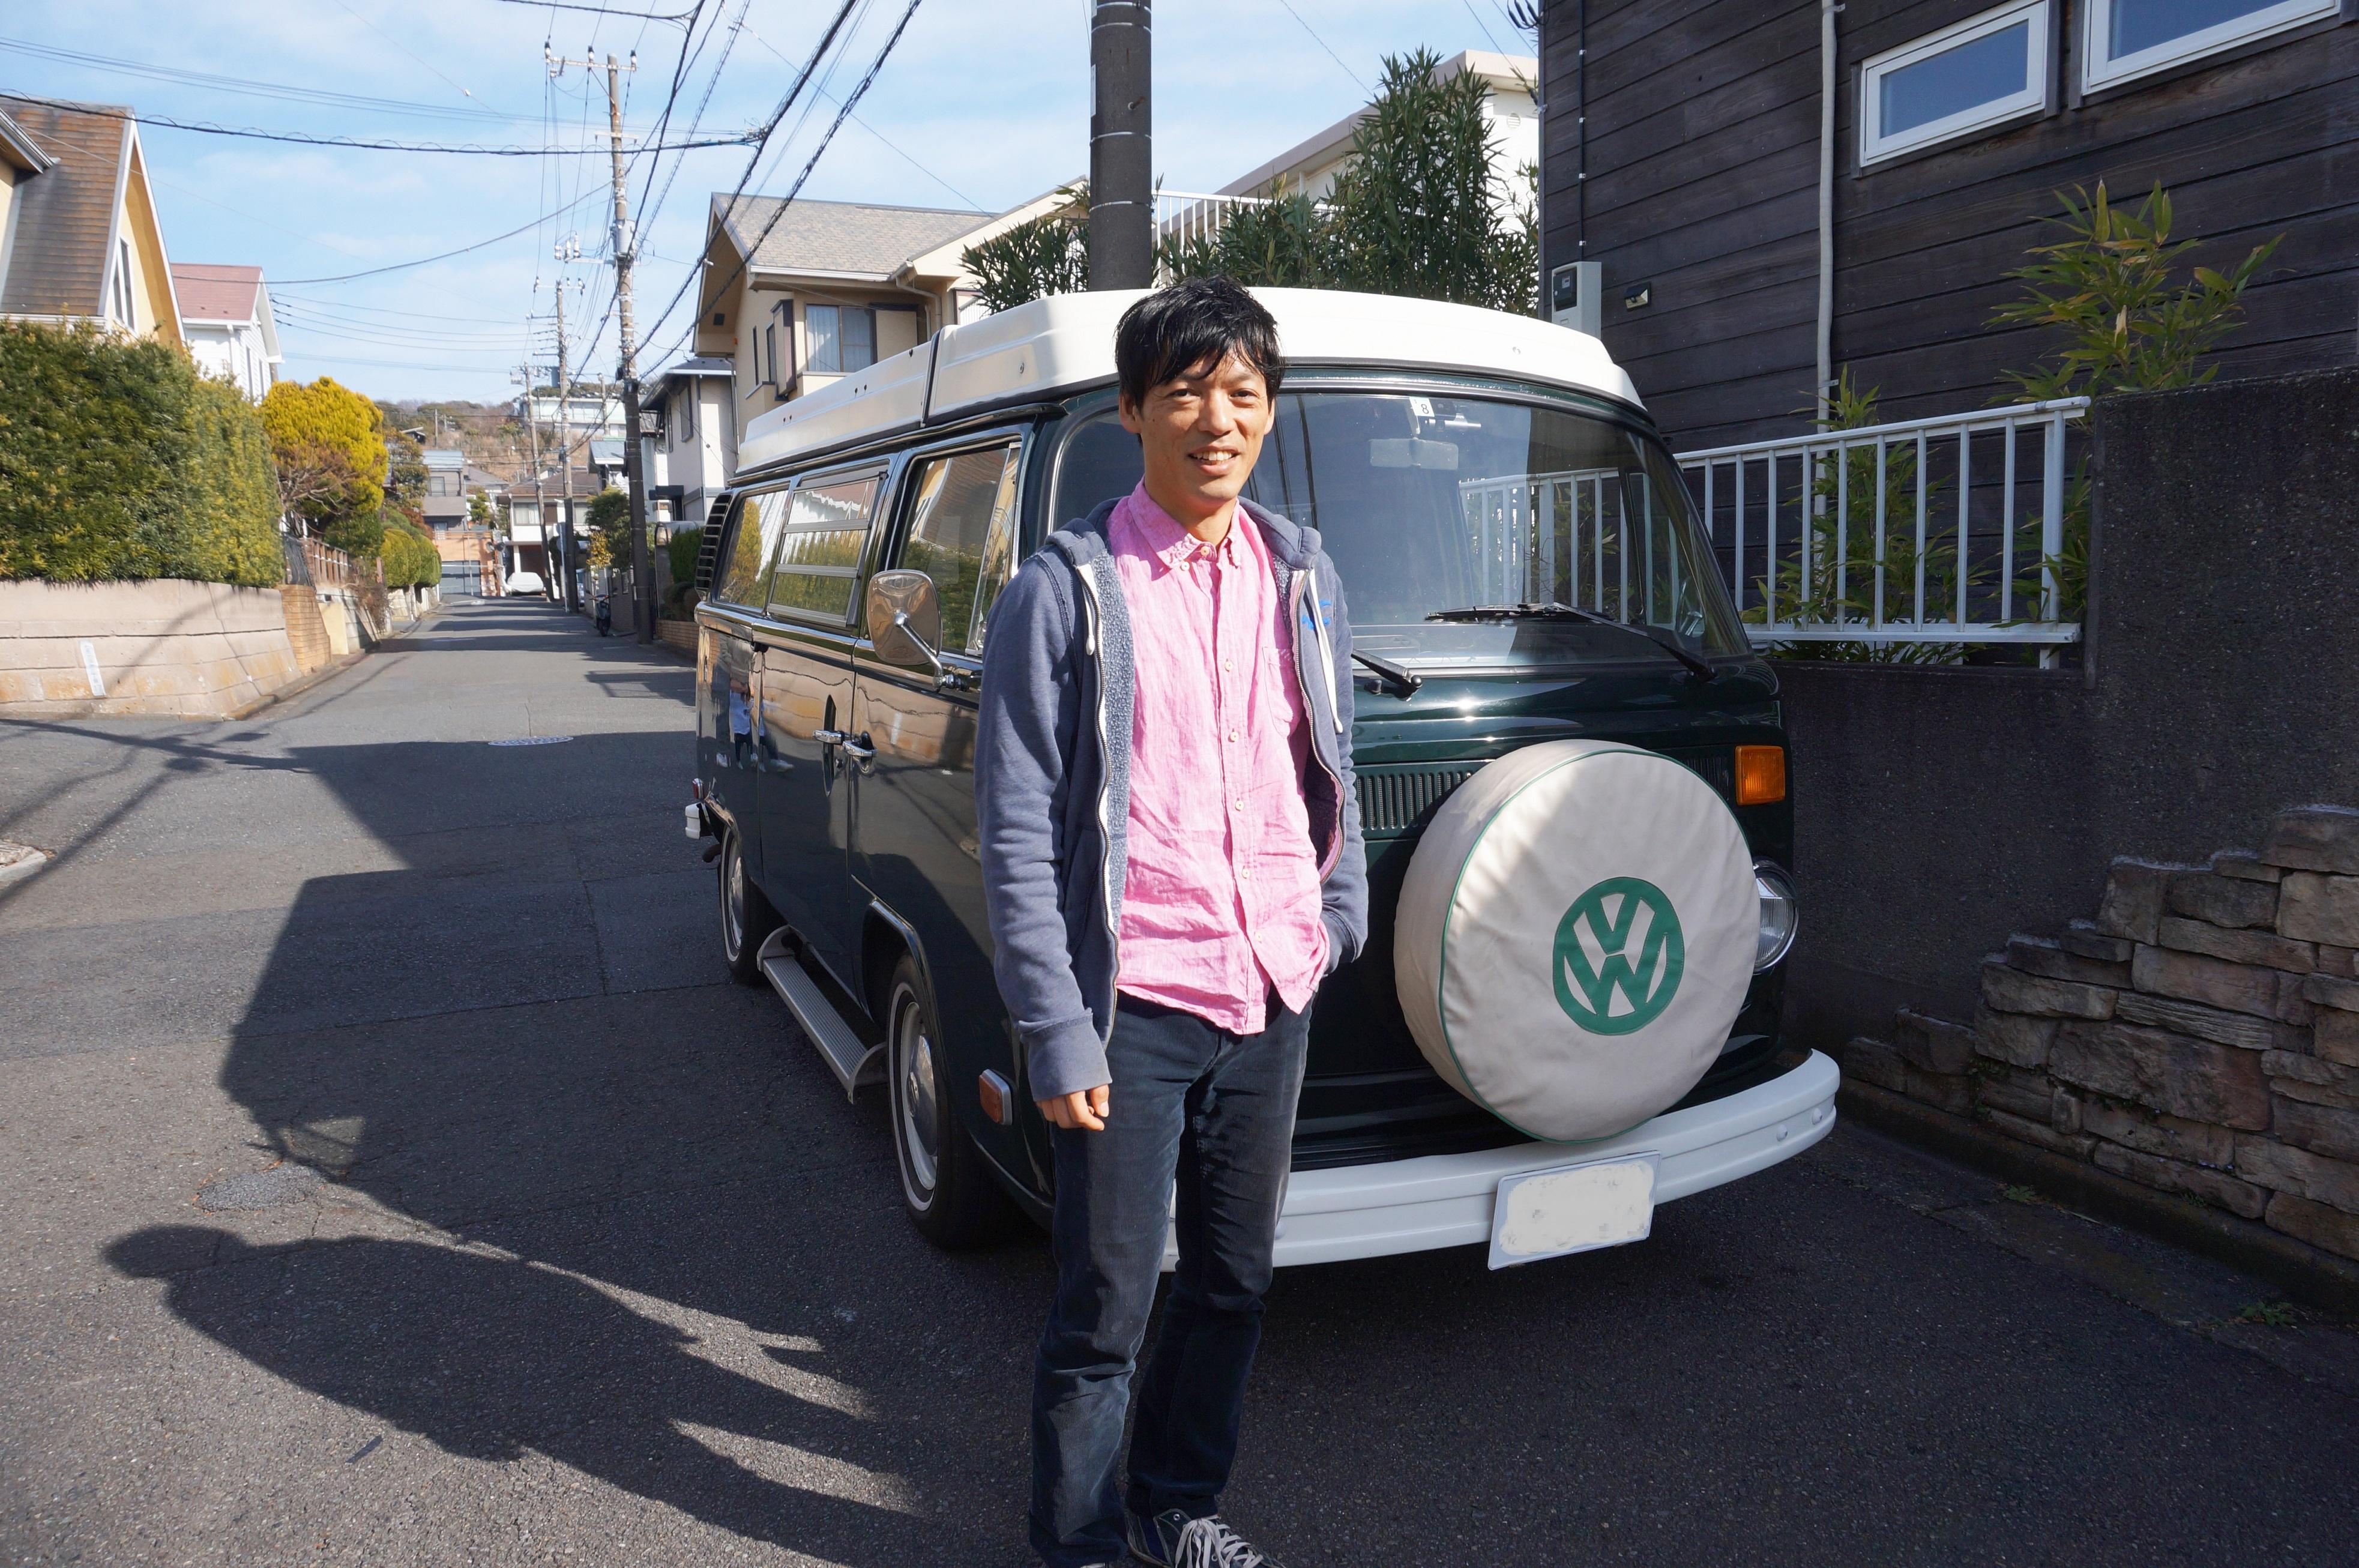 子どもたちとの車中泊キャンプのために購入したワーゲンバス。今では地域とつながるきっかけに